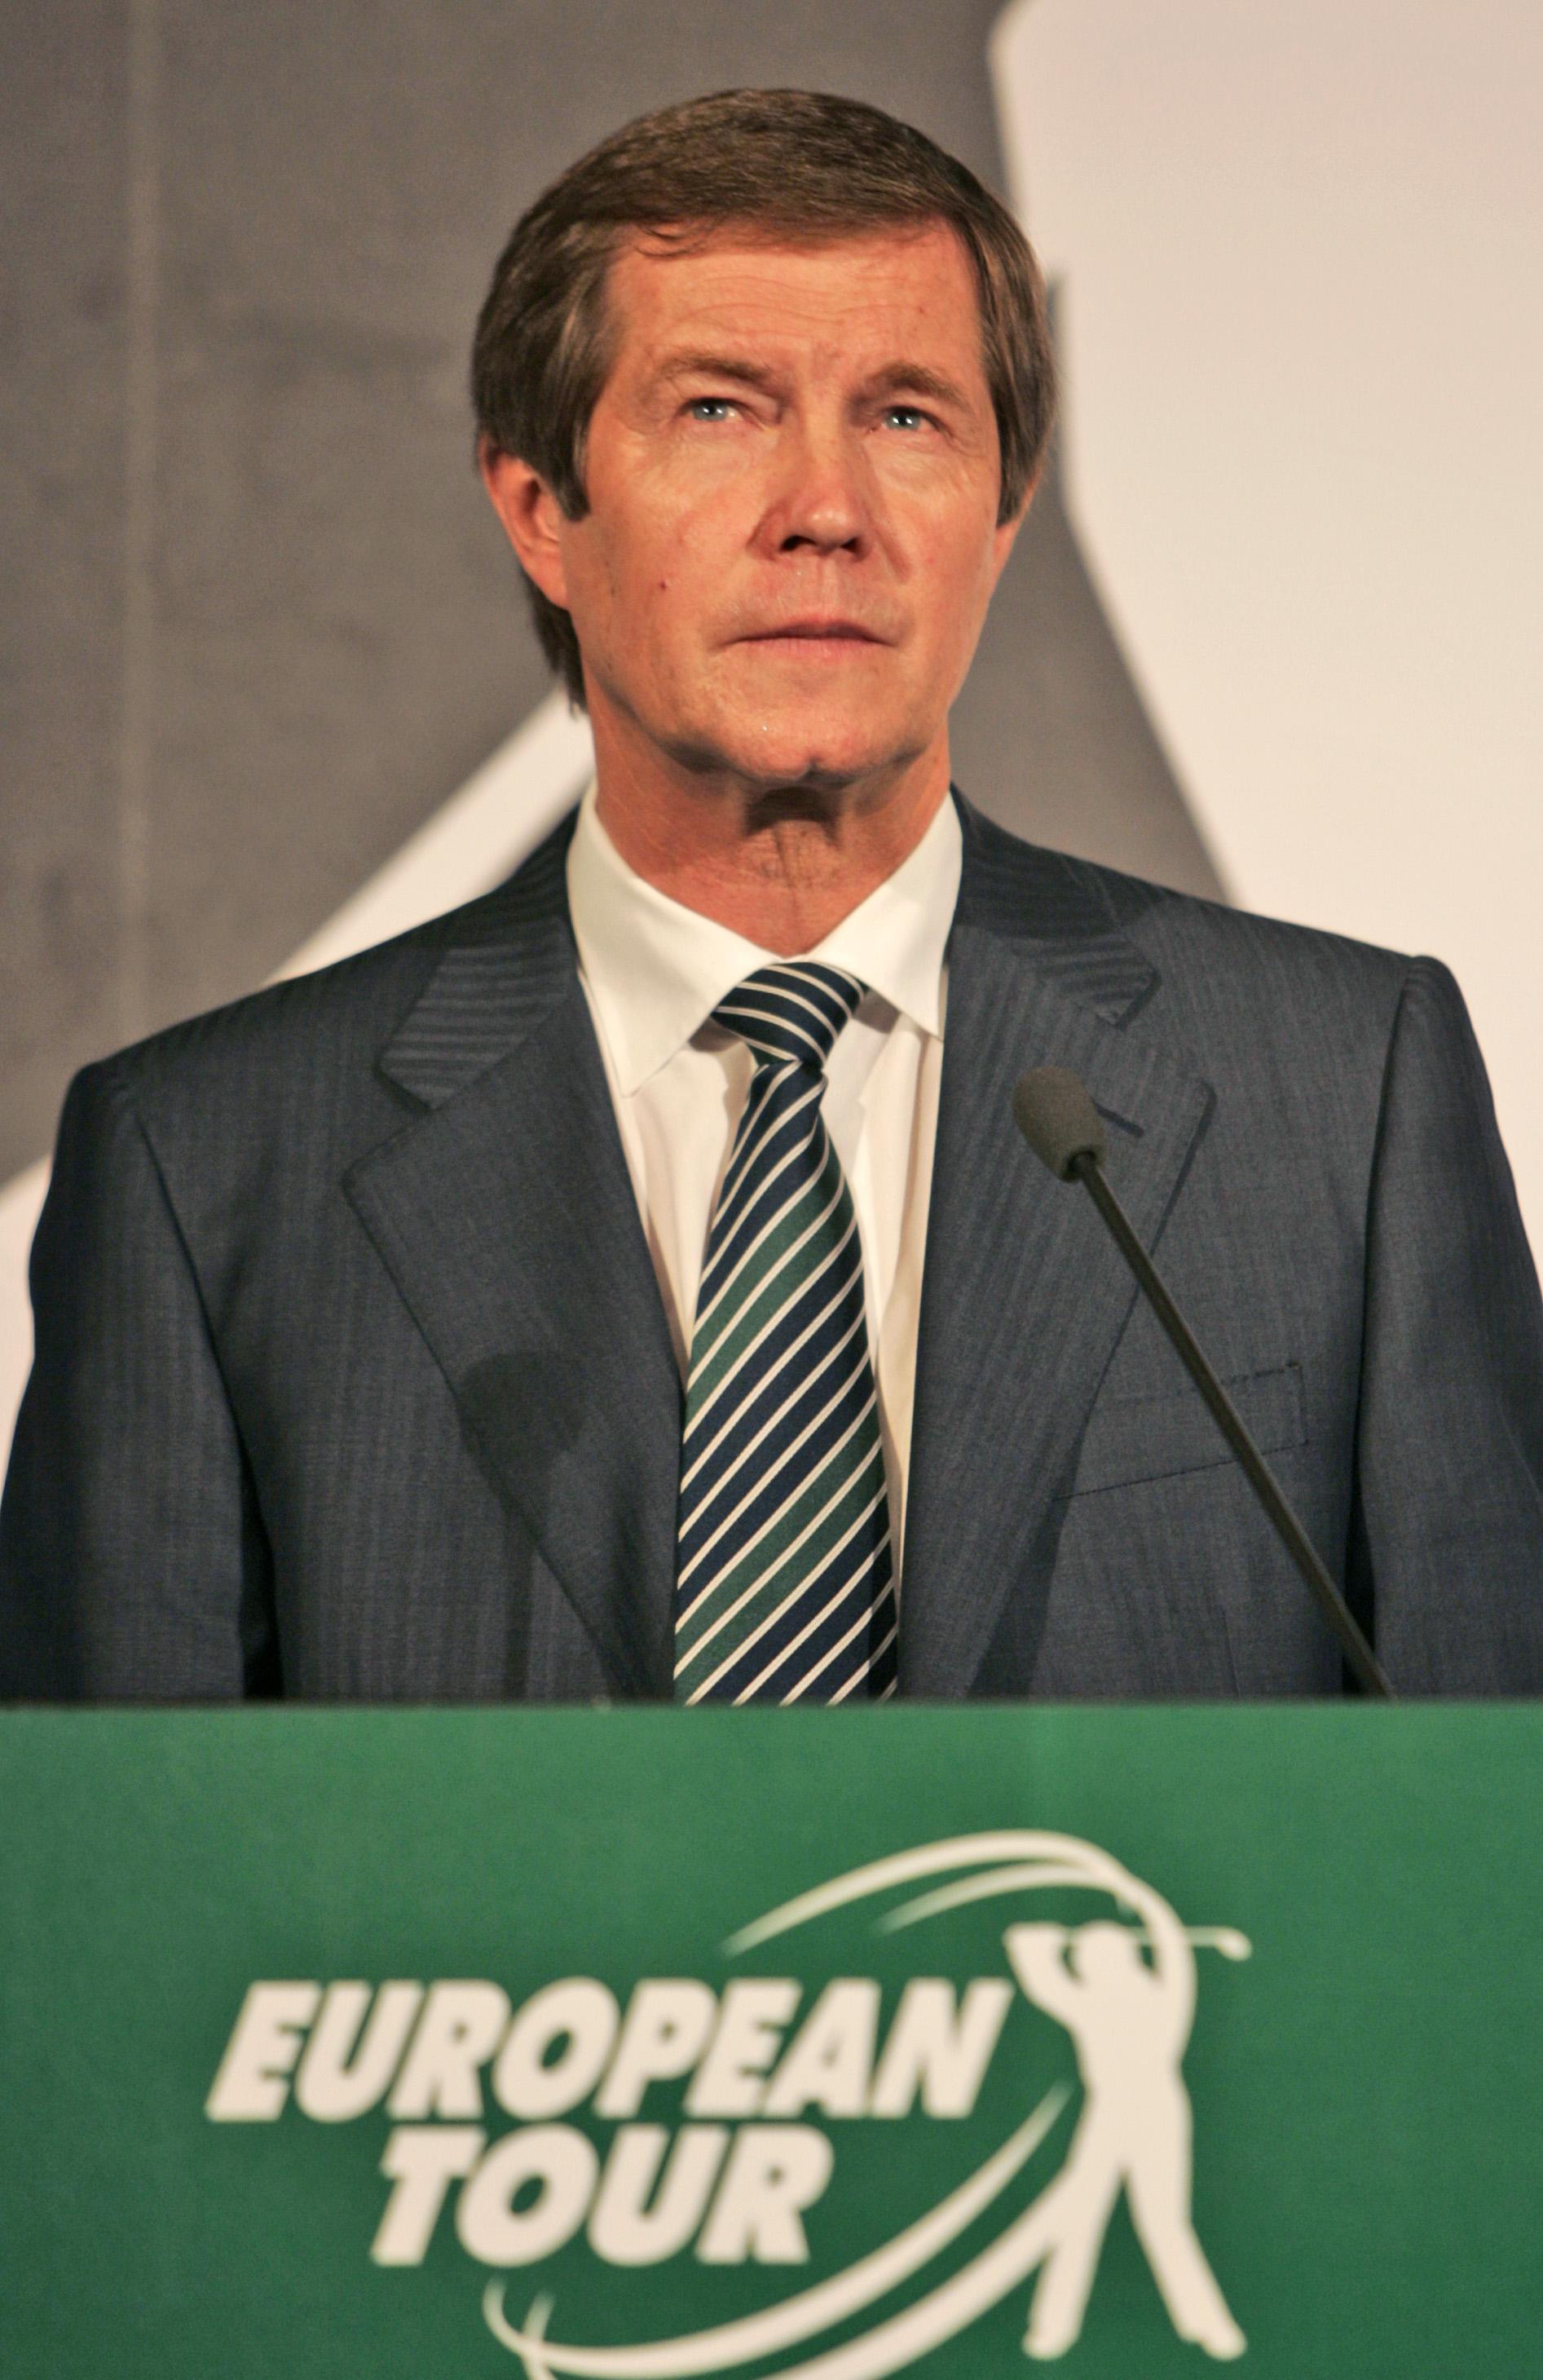 George O'Grady